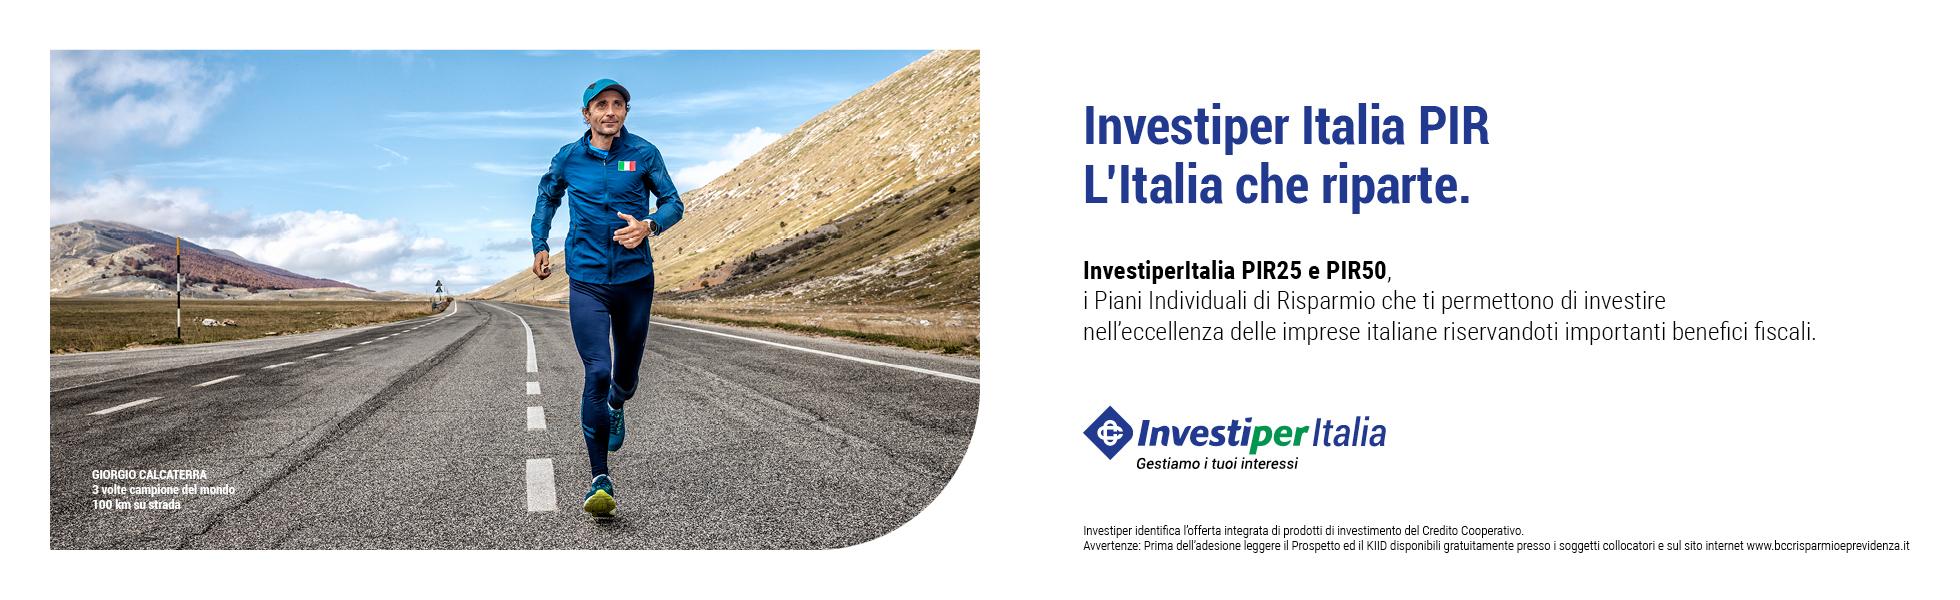 Investiper Italia PIR 2020